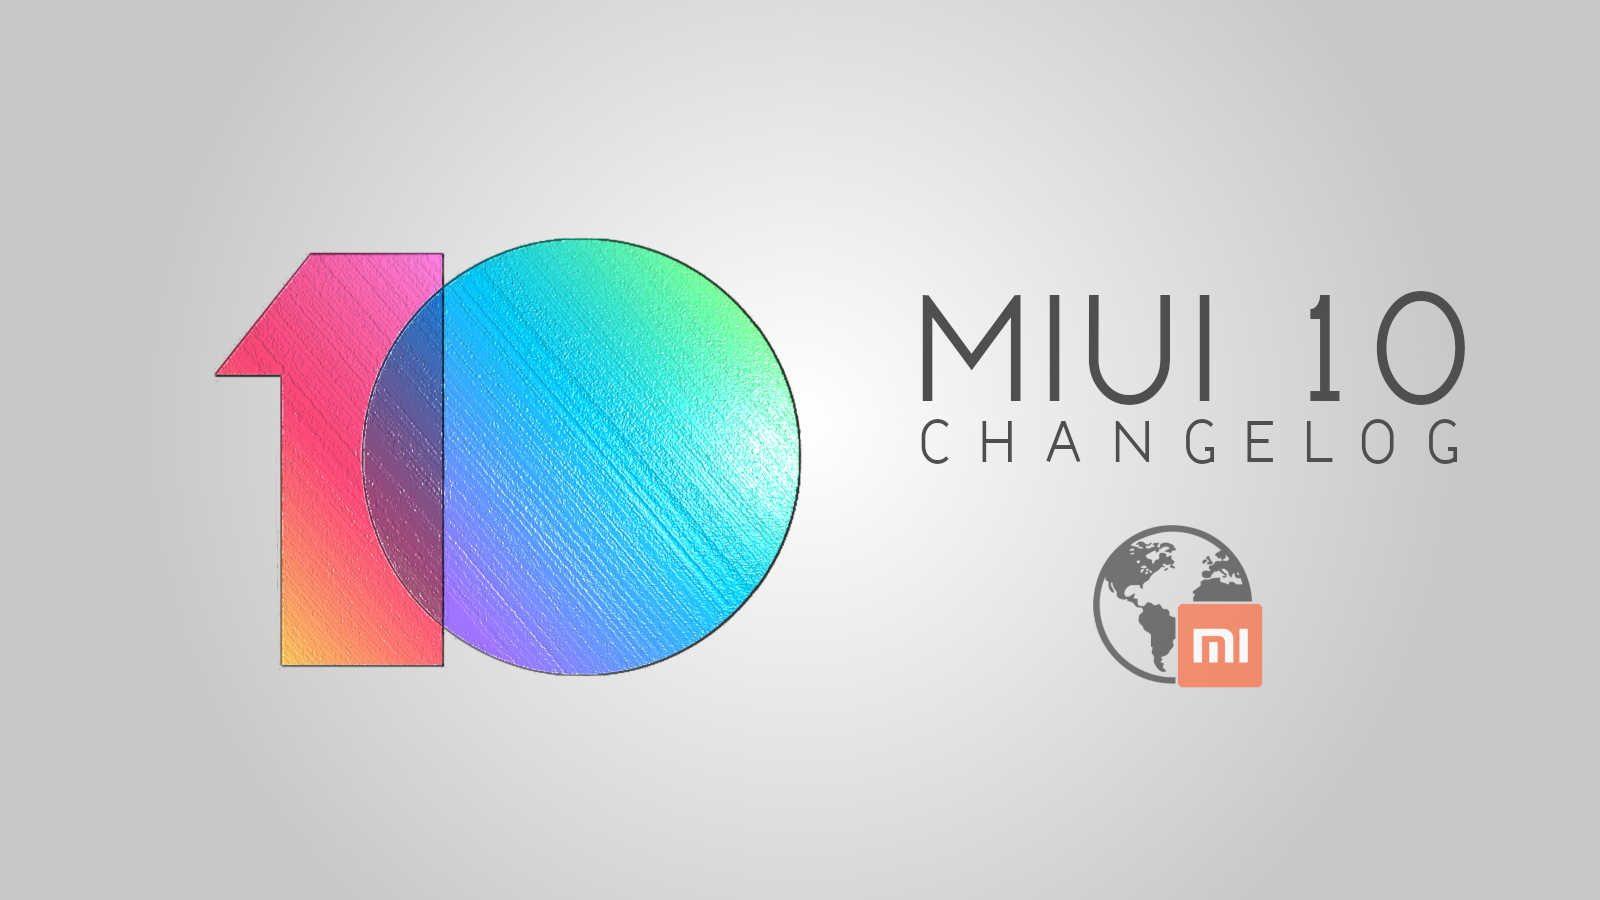 MiUI 9 2 28 Changelog - v10 - globeROM - mi-globe com